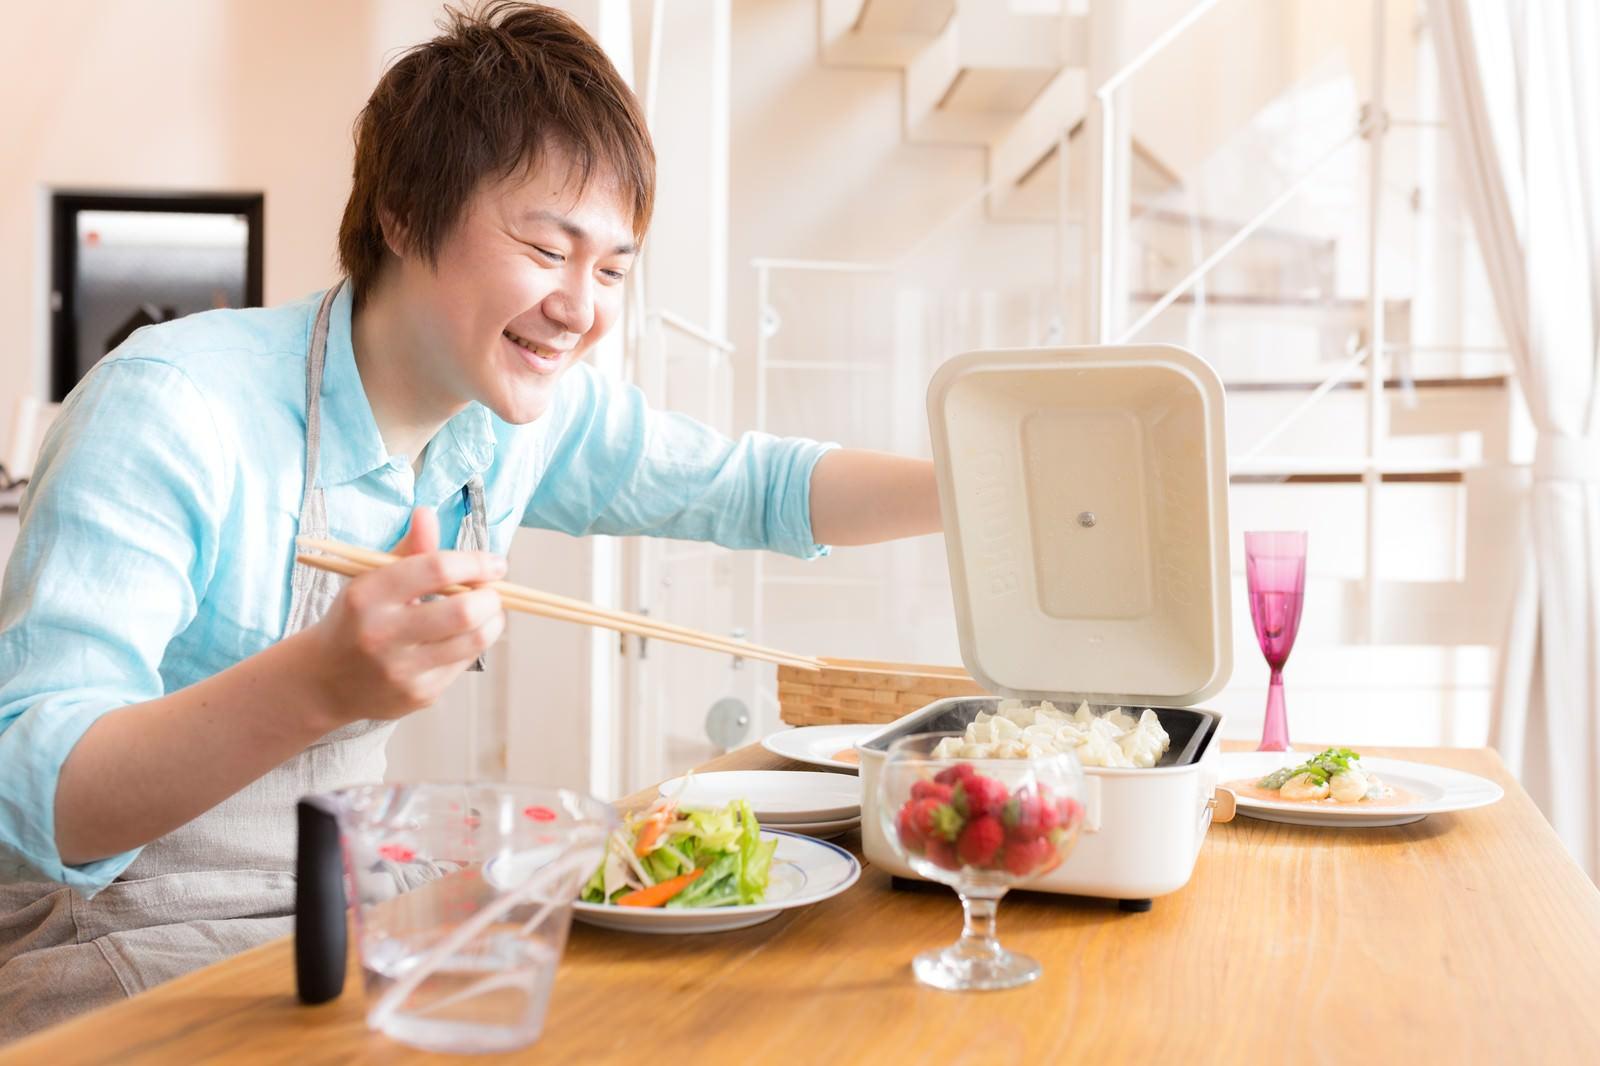 料理男子がモテると聞いてそれを載せようとする男